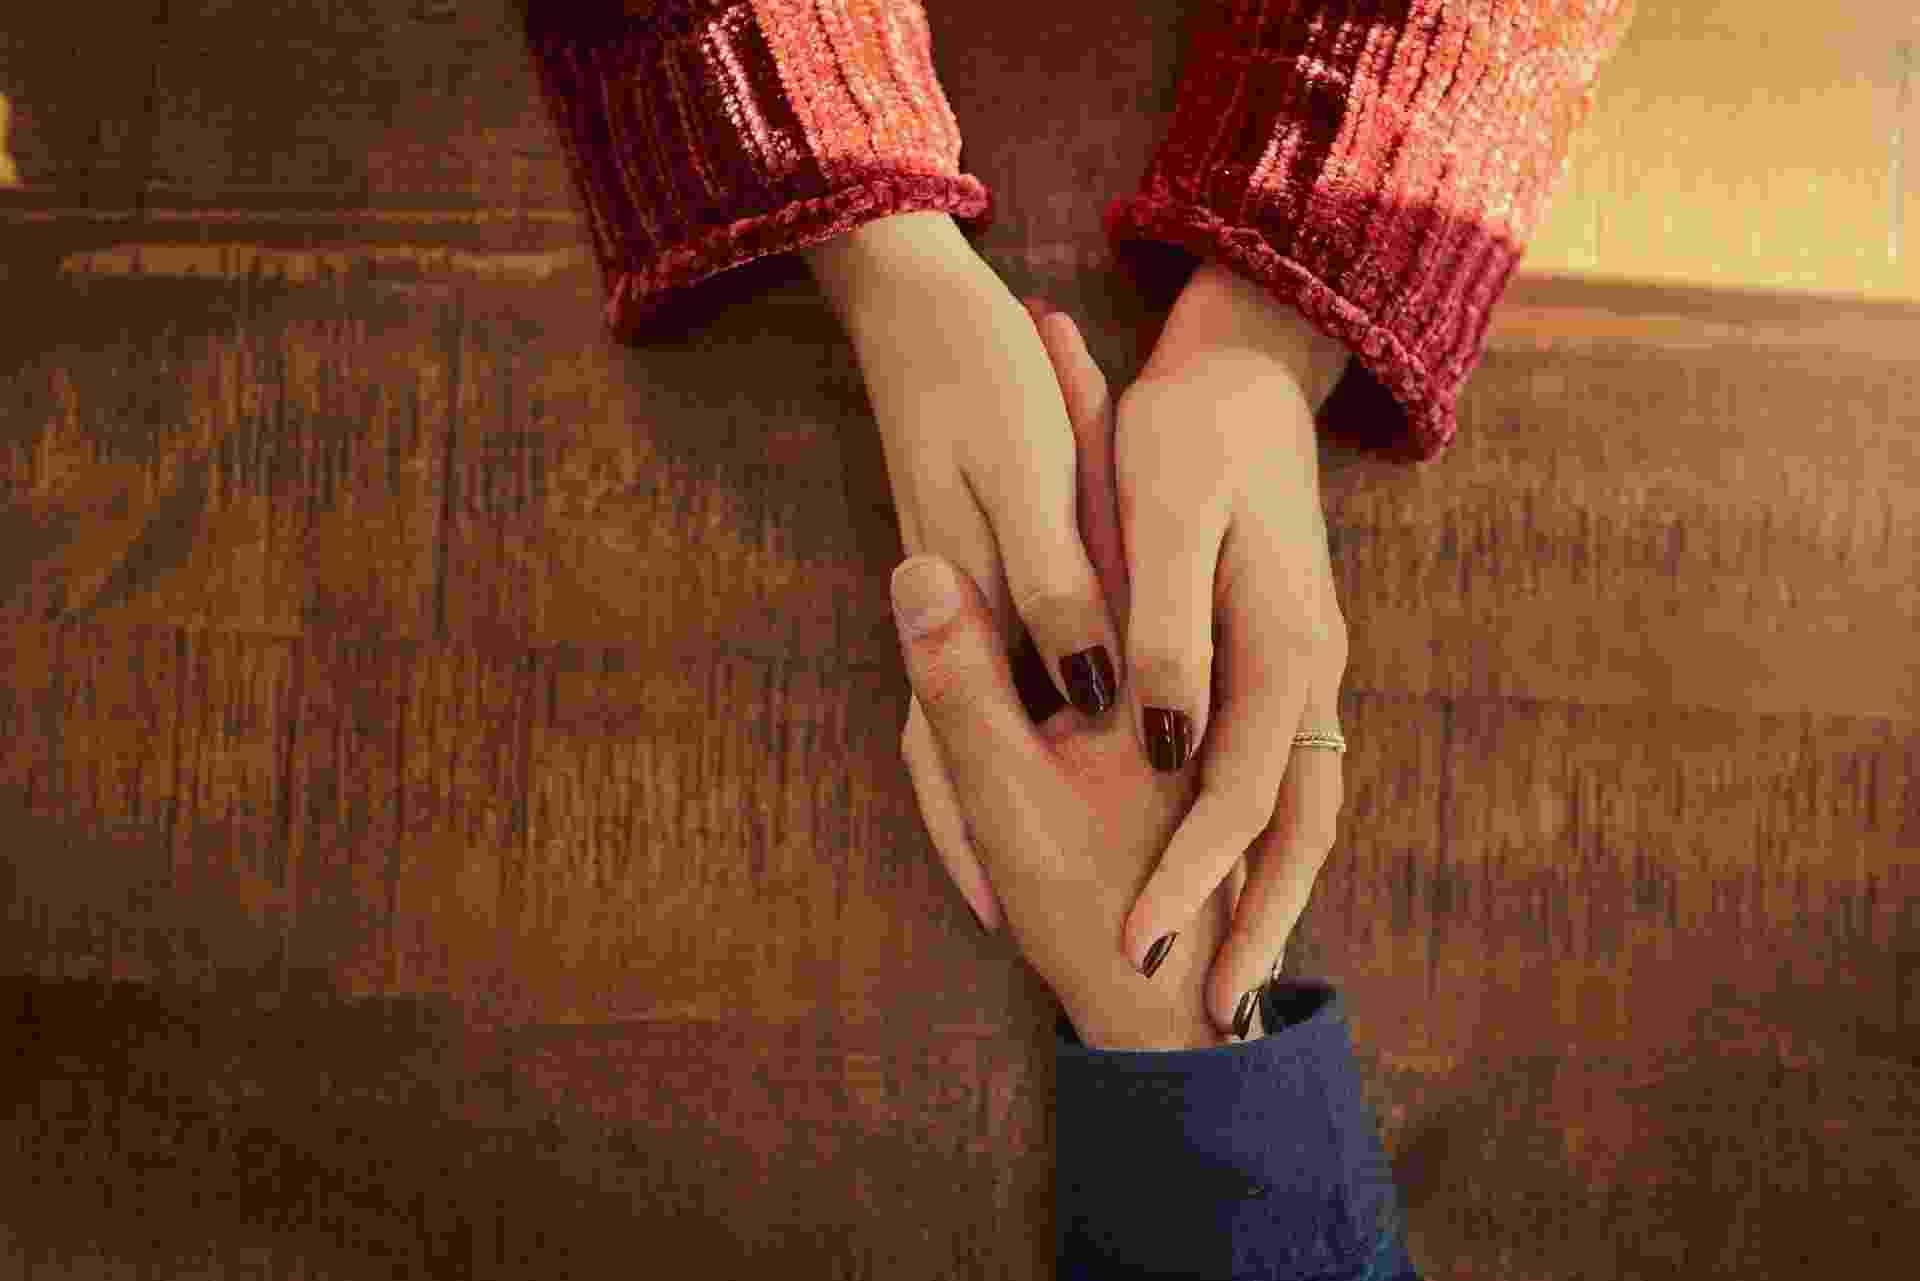 duas pessoas dando a mão, apoio, luto - iStock